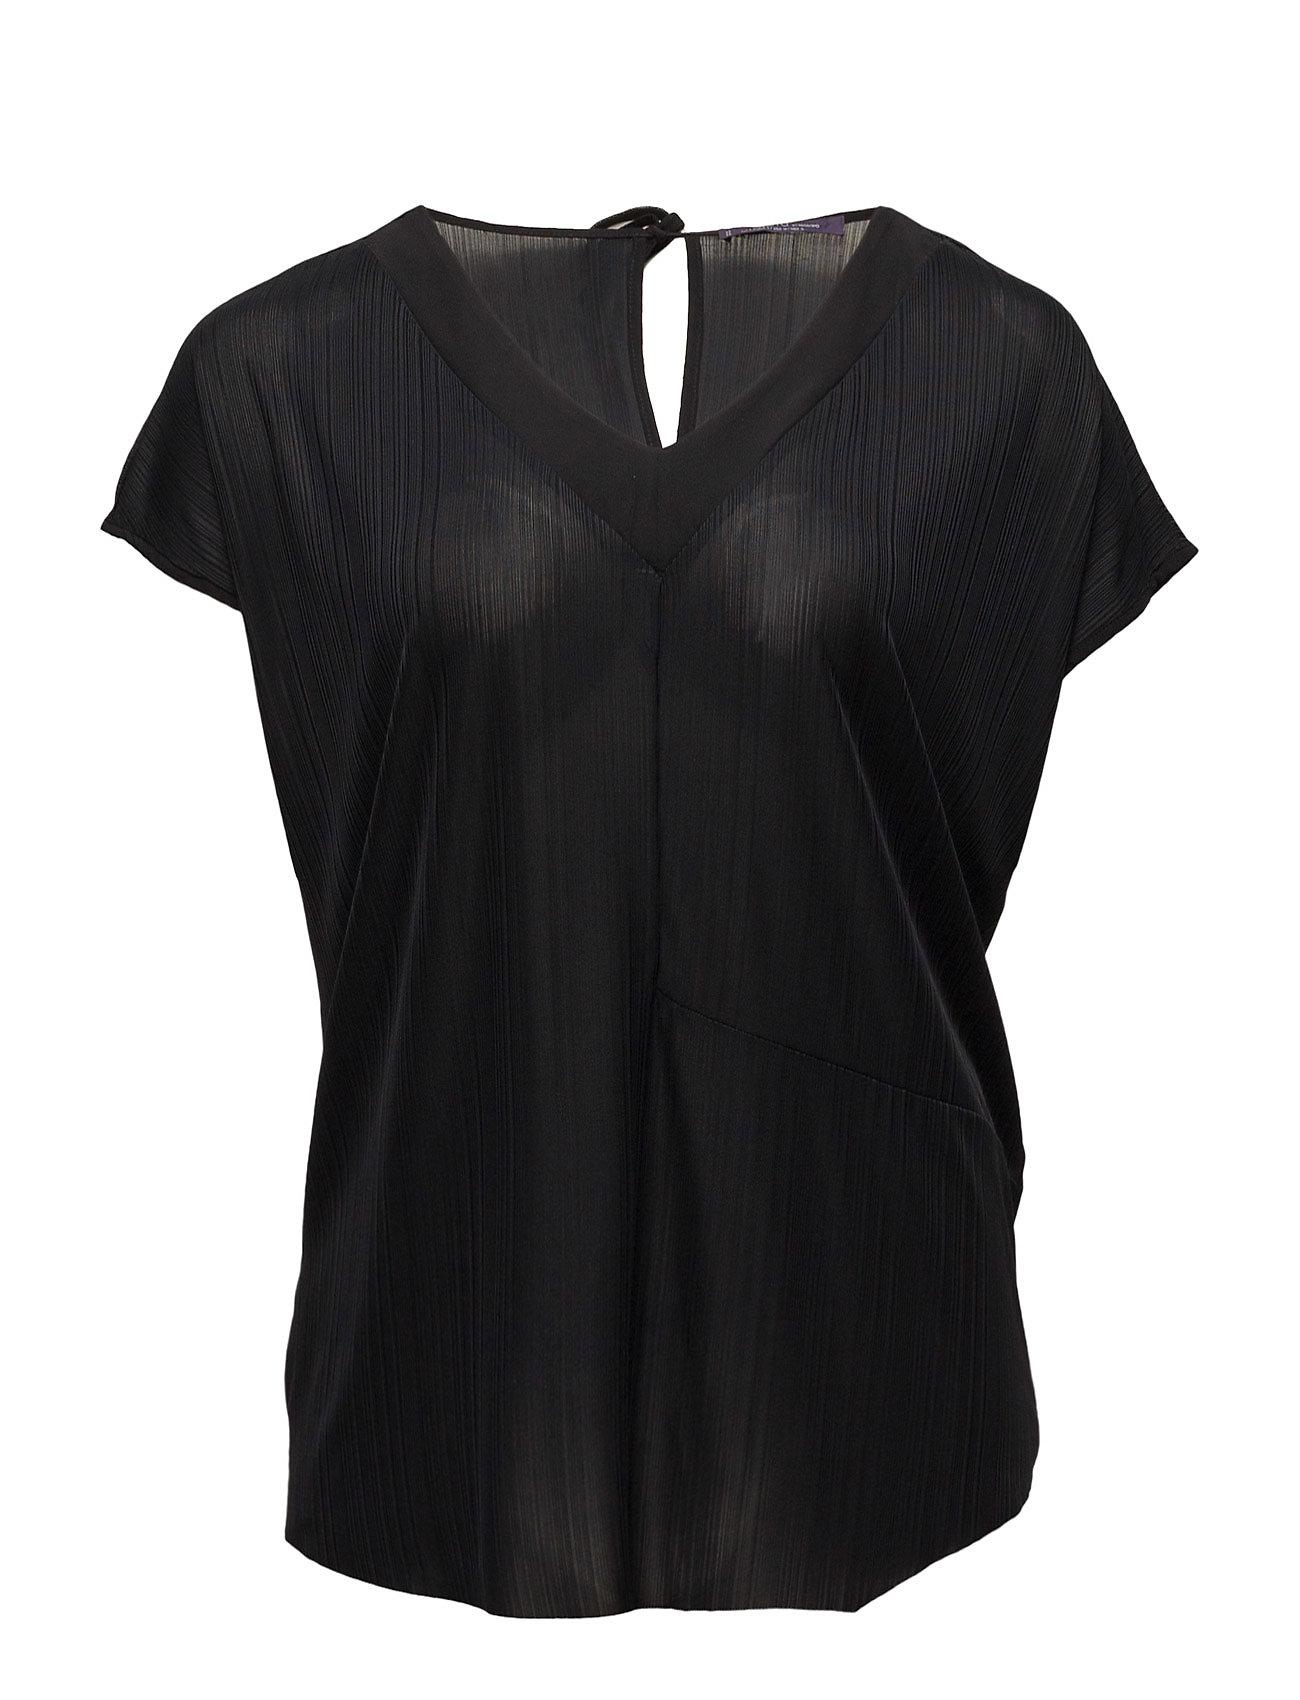 Textured Flowy T-Shirt Violeta by Mango Kortærmede til Damer i Sort